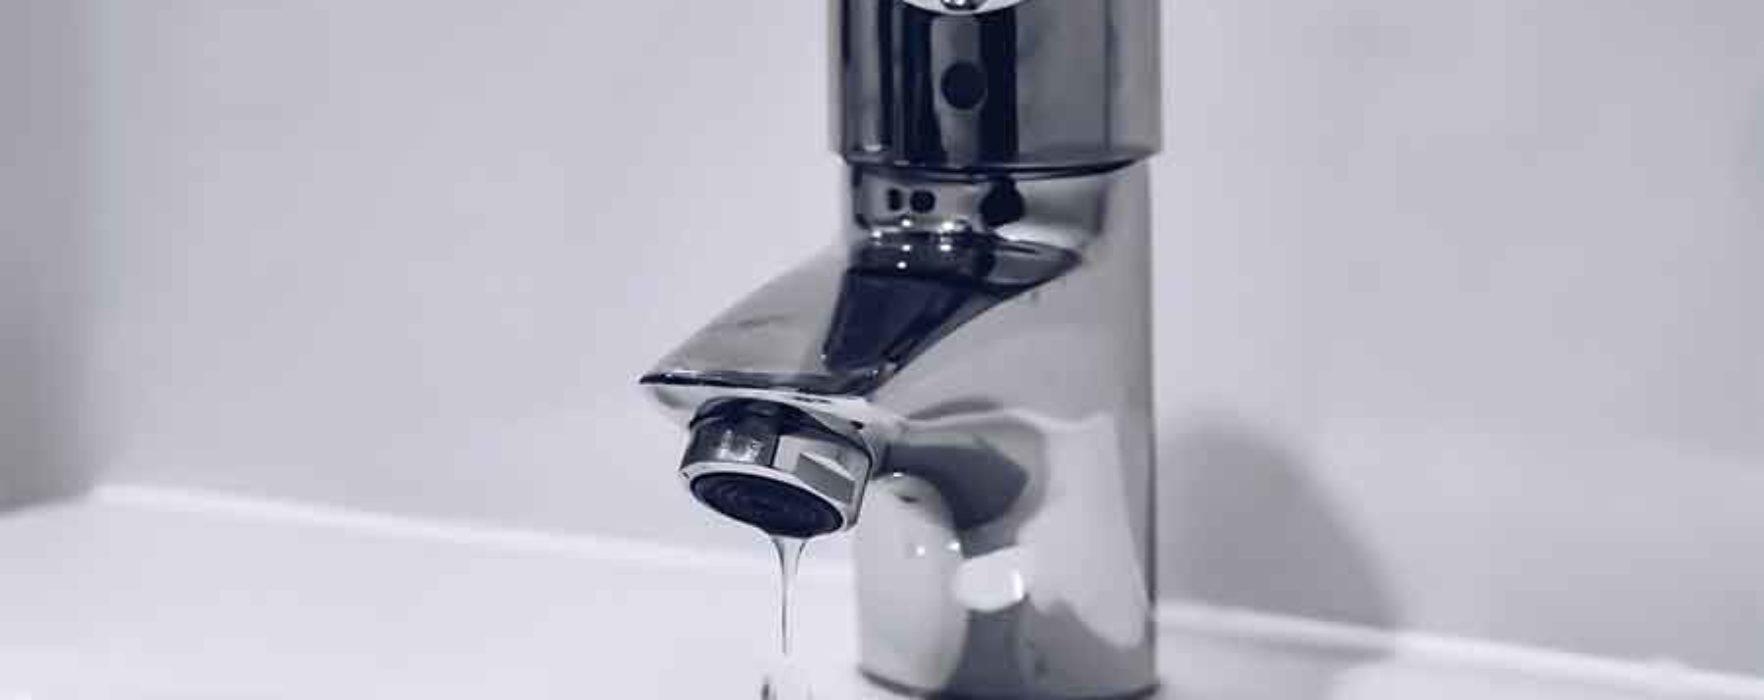 CATD: Furnizarea apei va fi oprită în Glodeni, 17-18 februarie 2020